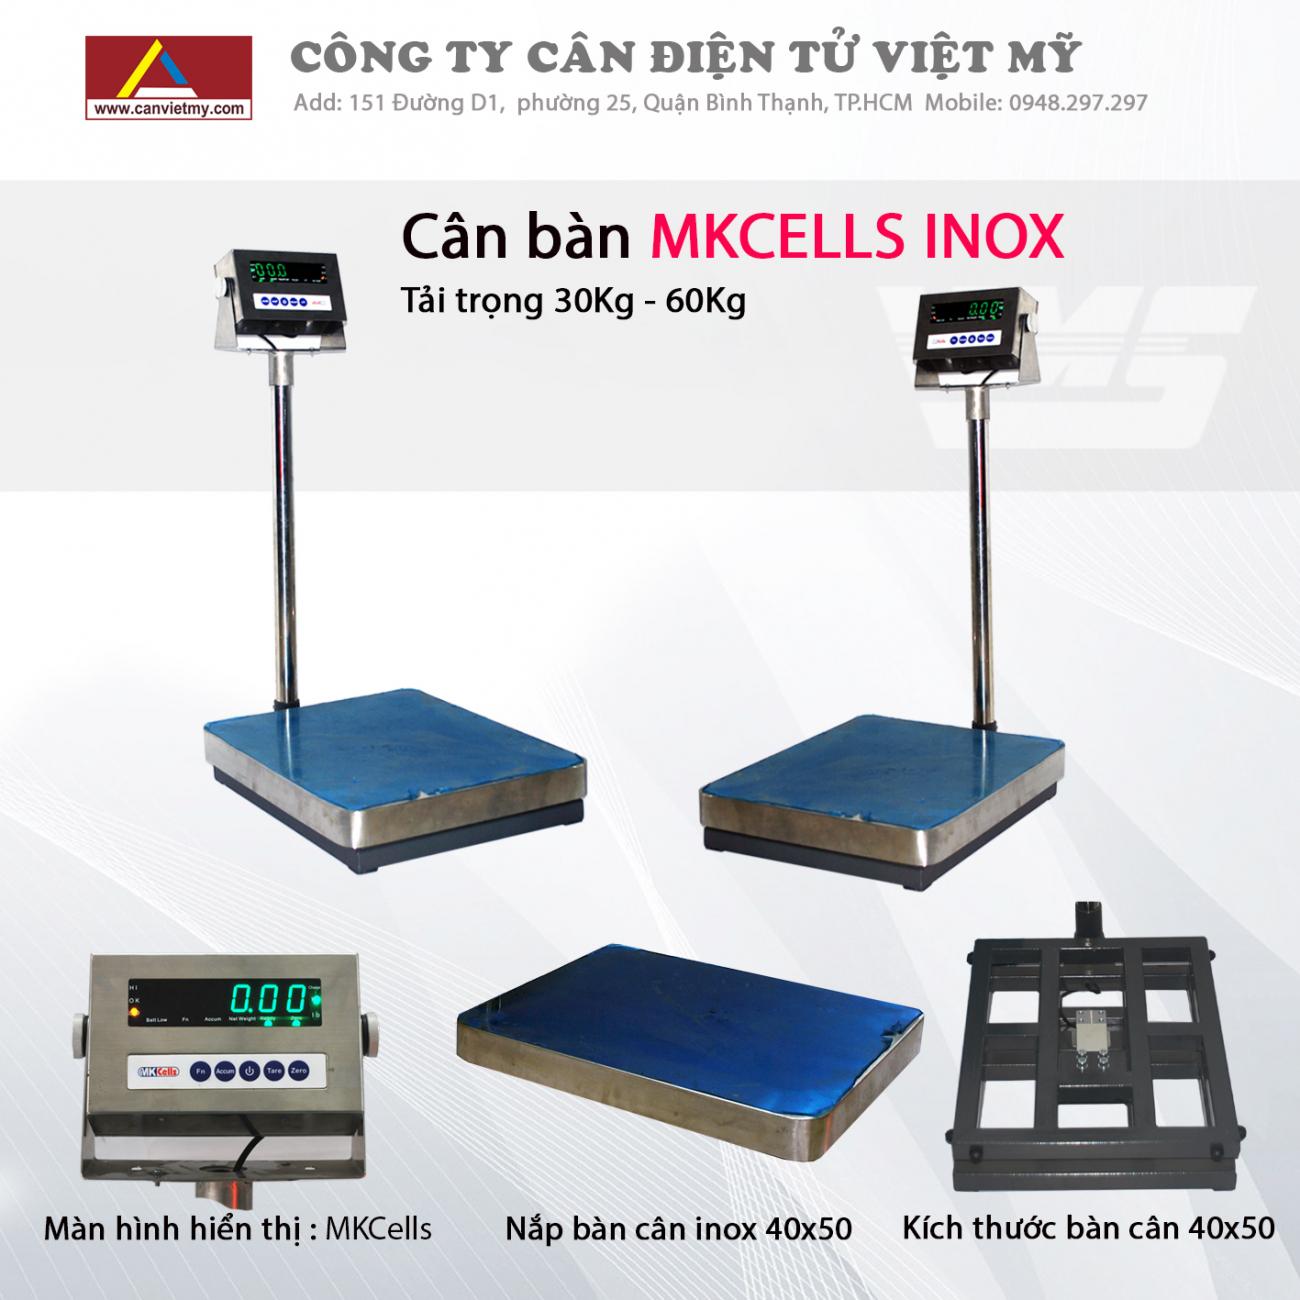 CÂN BÀN ĐIỆN TỬ INOX - MKCELL